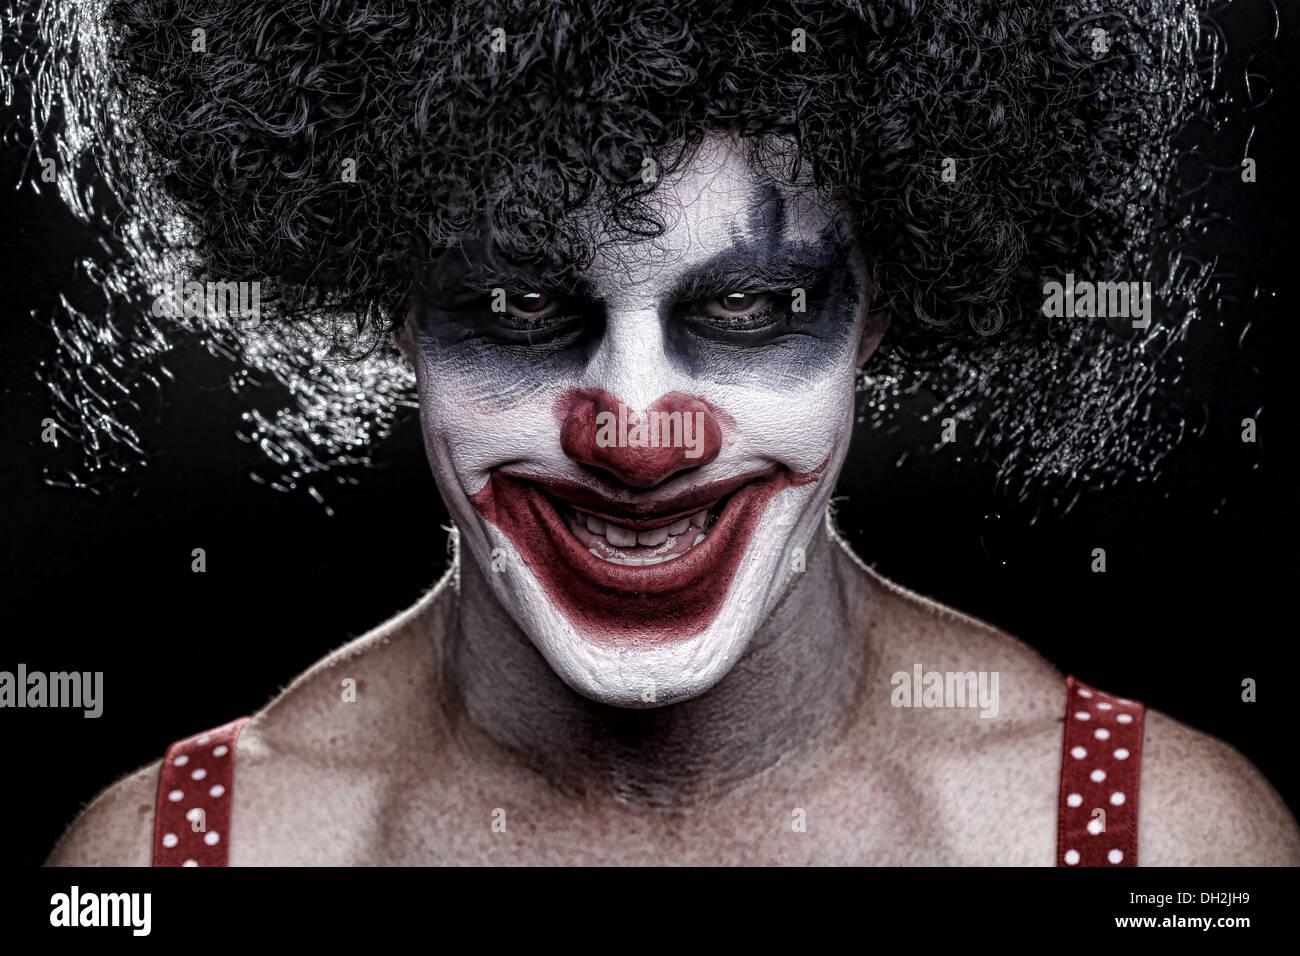 Evil Clown effrayant Portrait sur fond noir Photo Stock